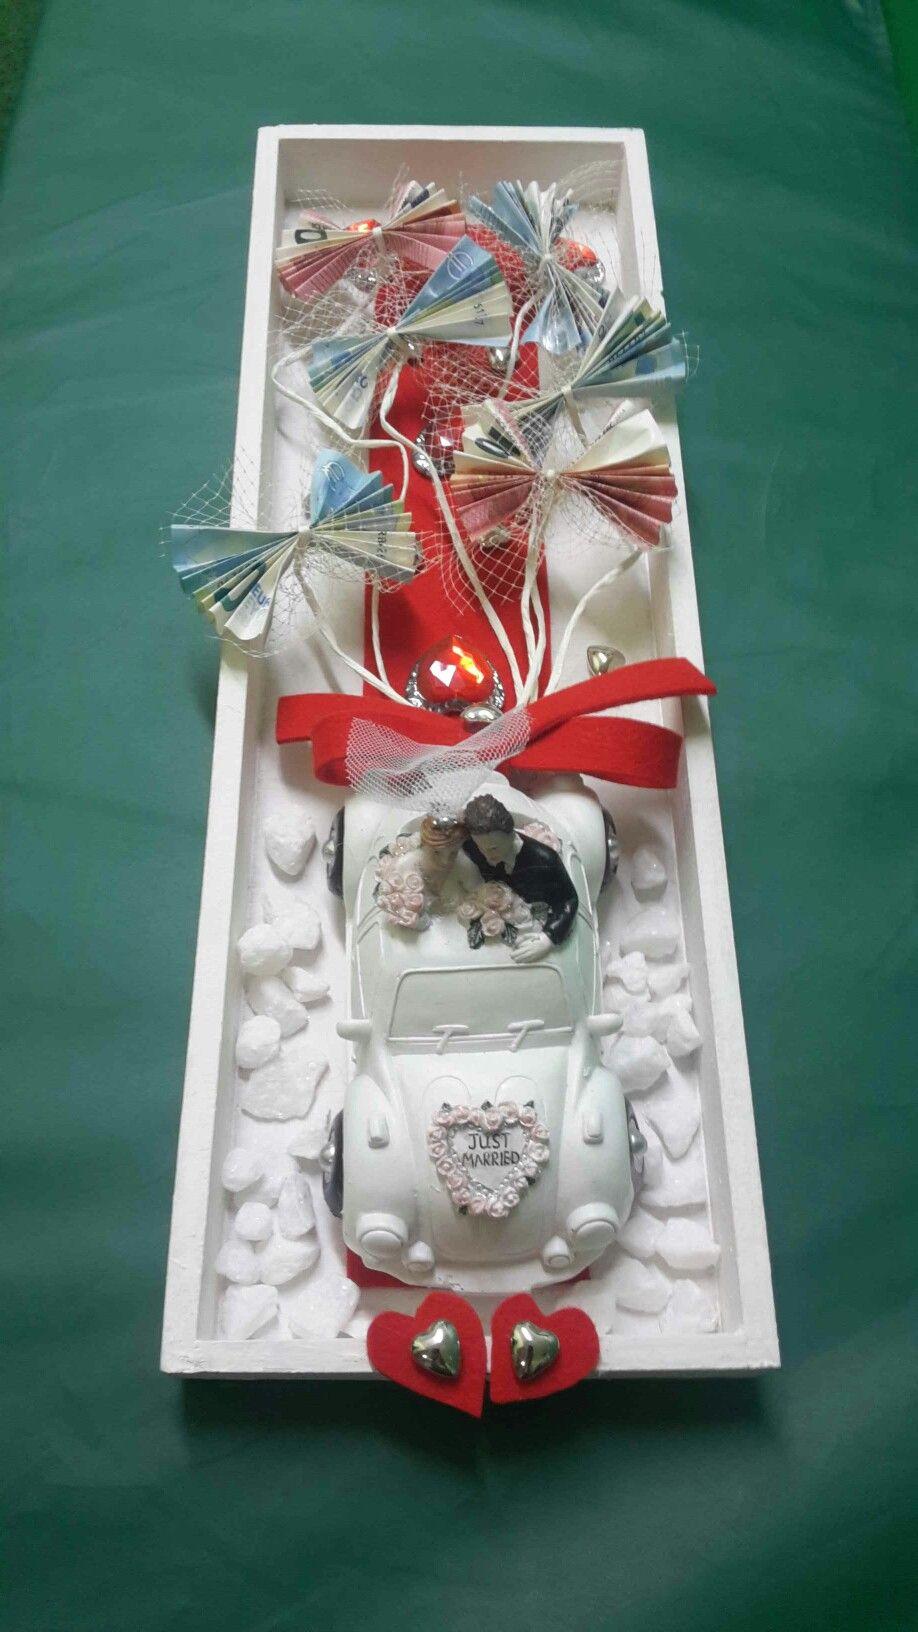 hochzeit hochzeit pinterest geschenke geldgeschenke hochzeit und geschenk hochzeit. Black Bedroom Furniture Sets. Home Design Ideas